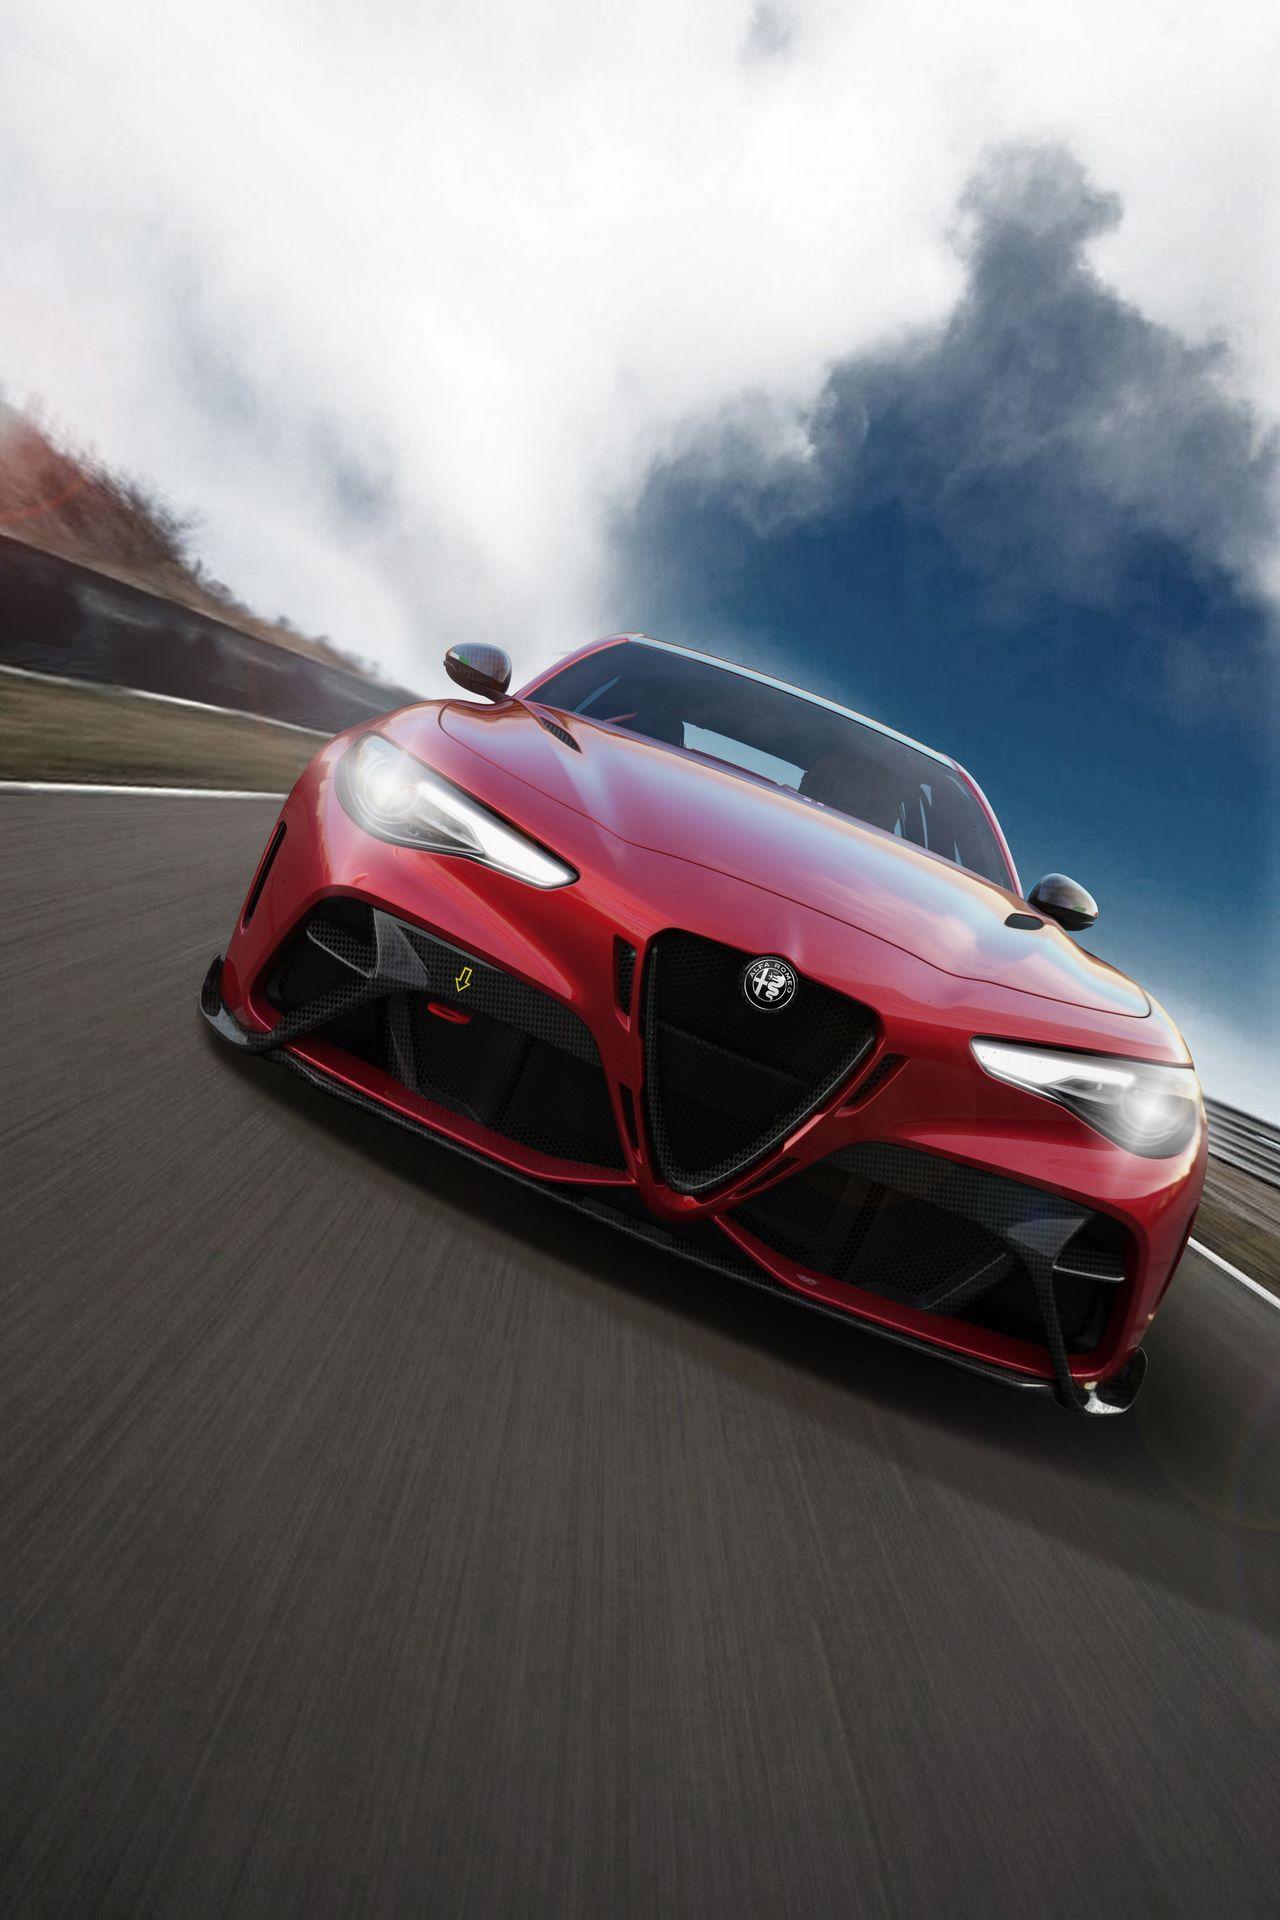 Alfa-Romeo-Giulia-GTA-and-GTAm-4